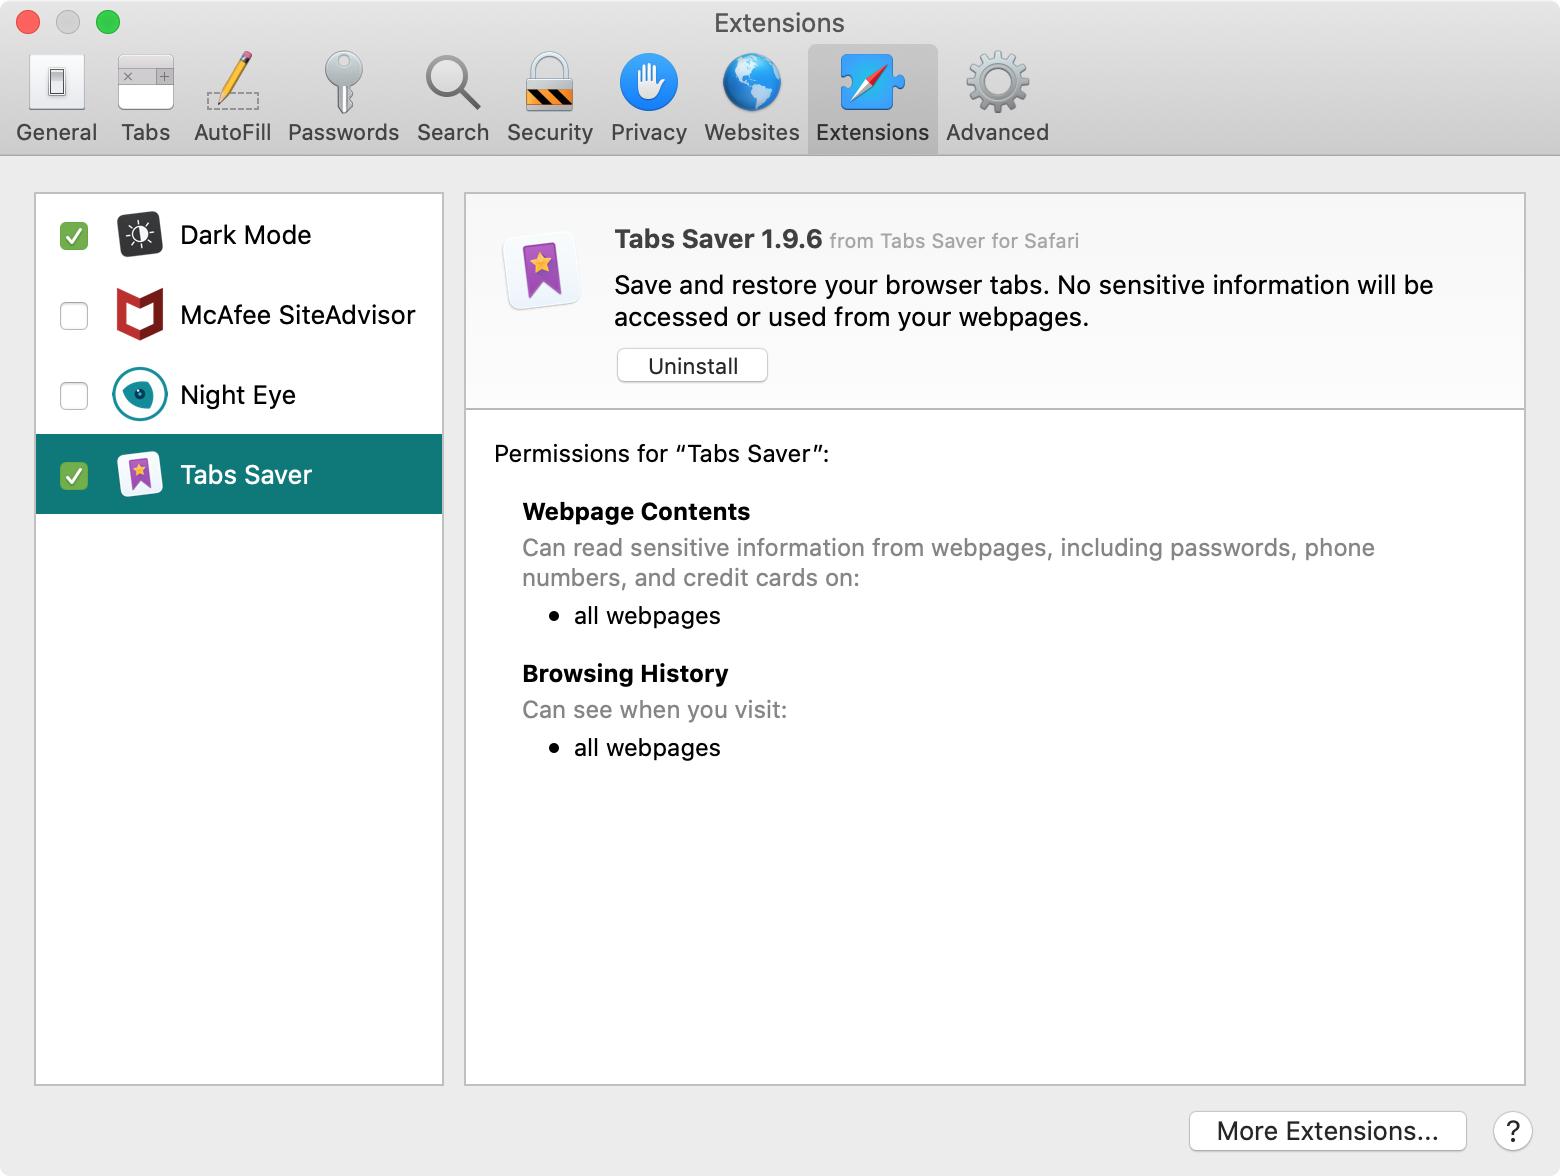 Guia Extensões para Mac das Preferências do Safari